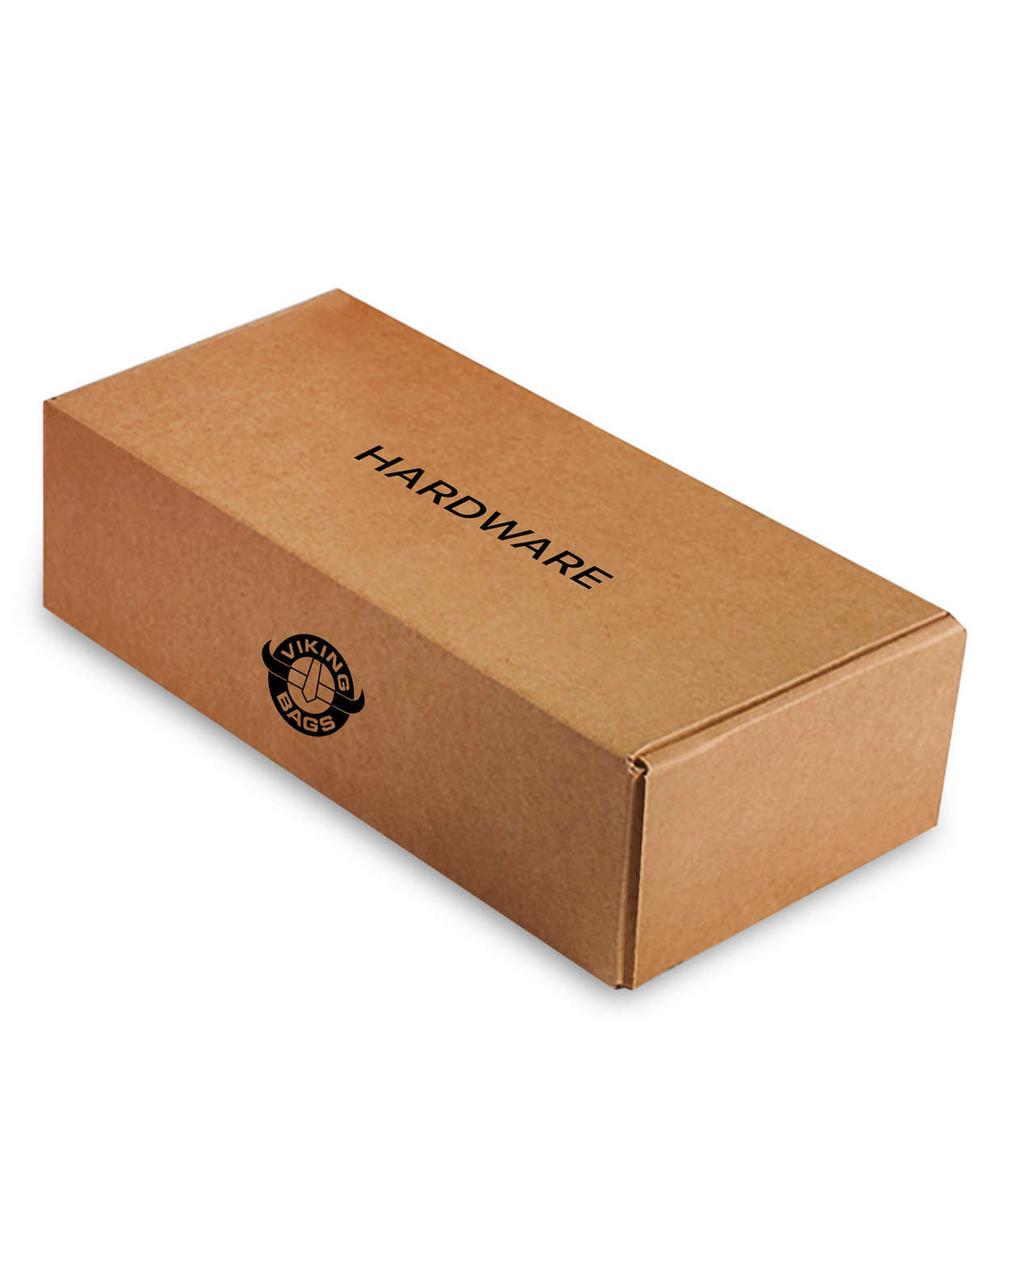 Honda VF750C Magna 750 Viking Lamellar Leather Covered Shock Cutout Hard Saddlebag box